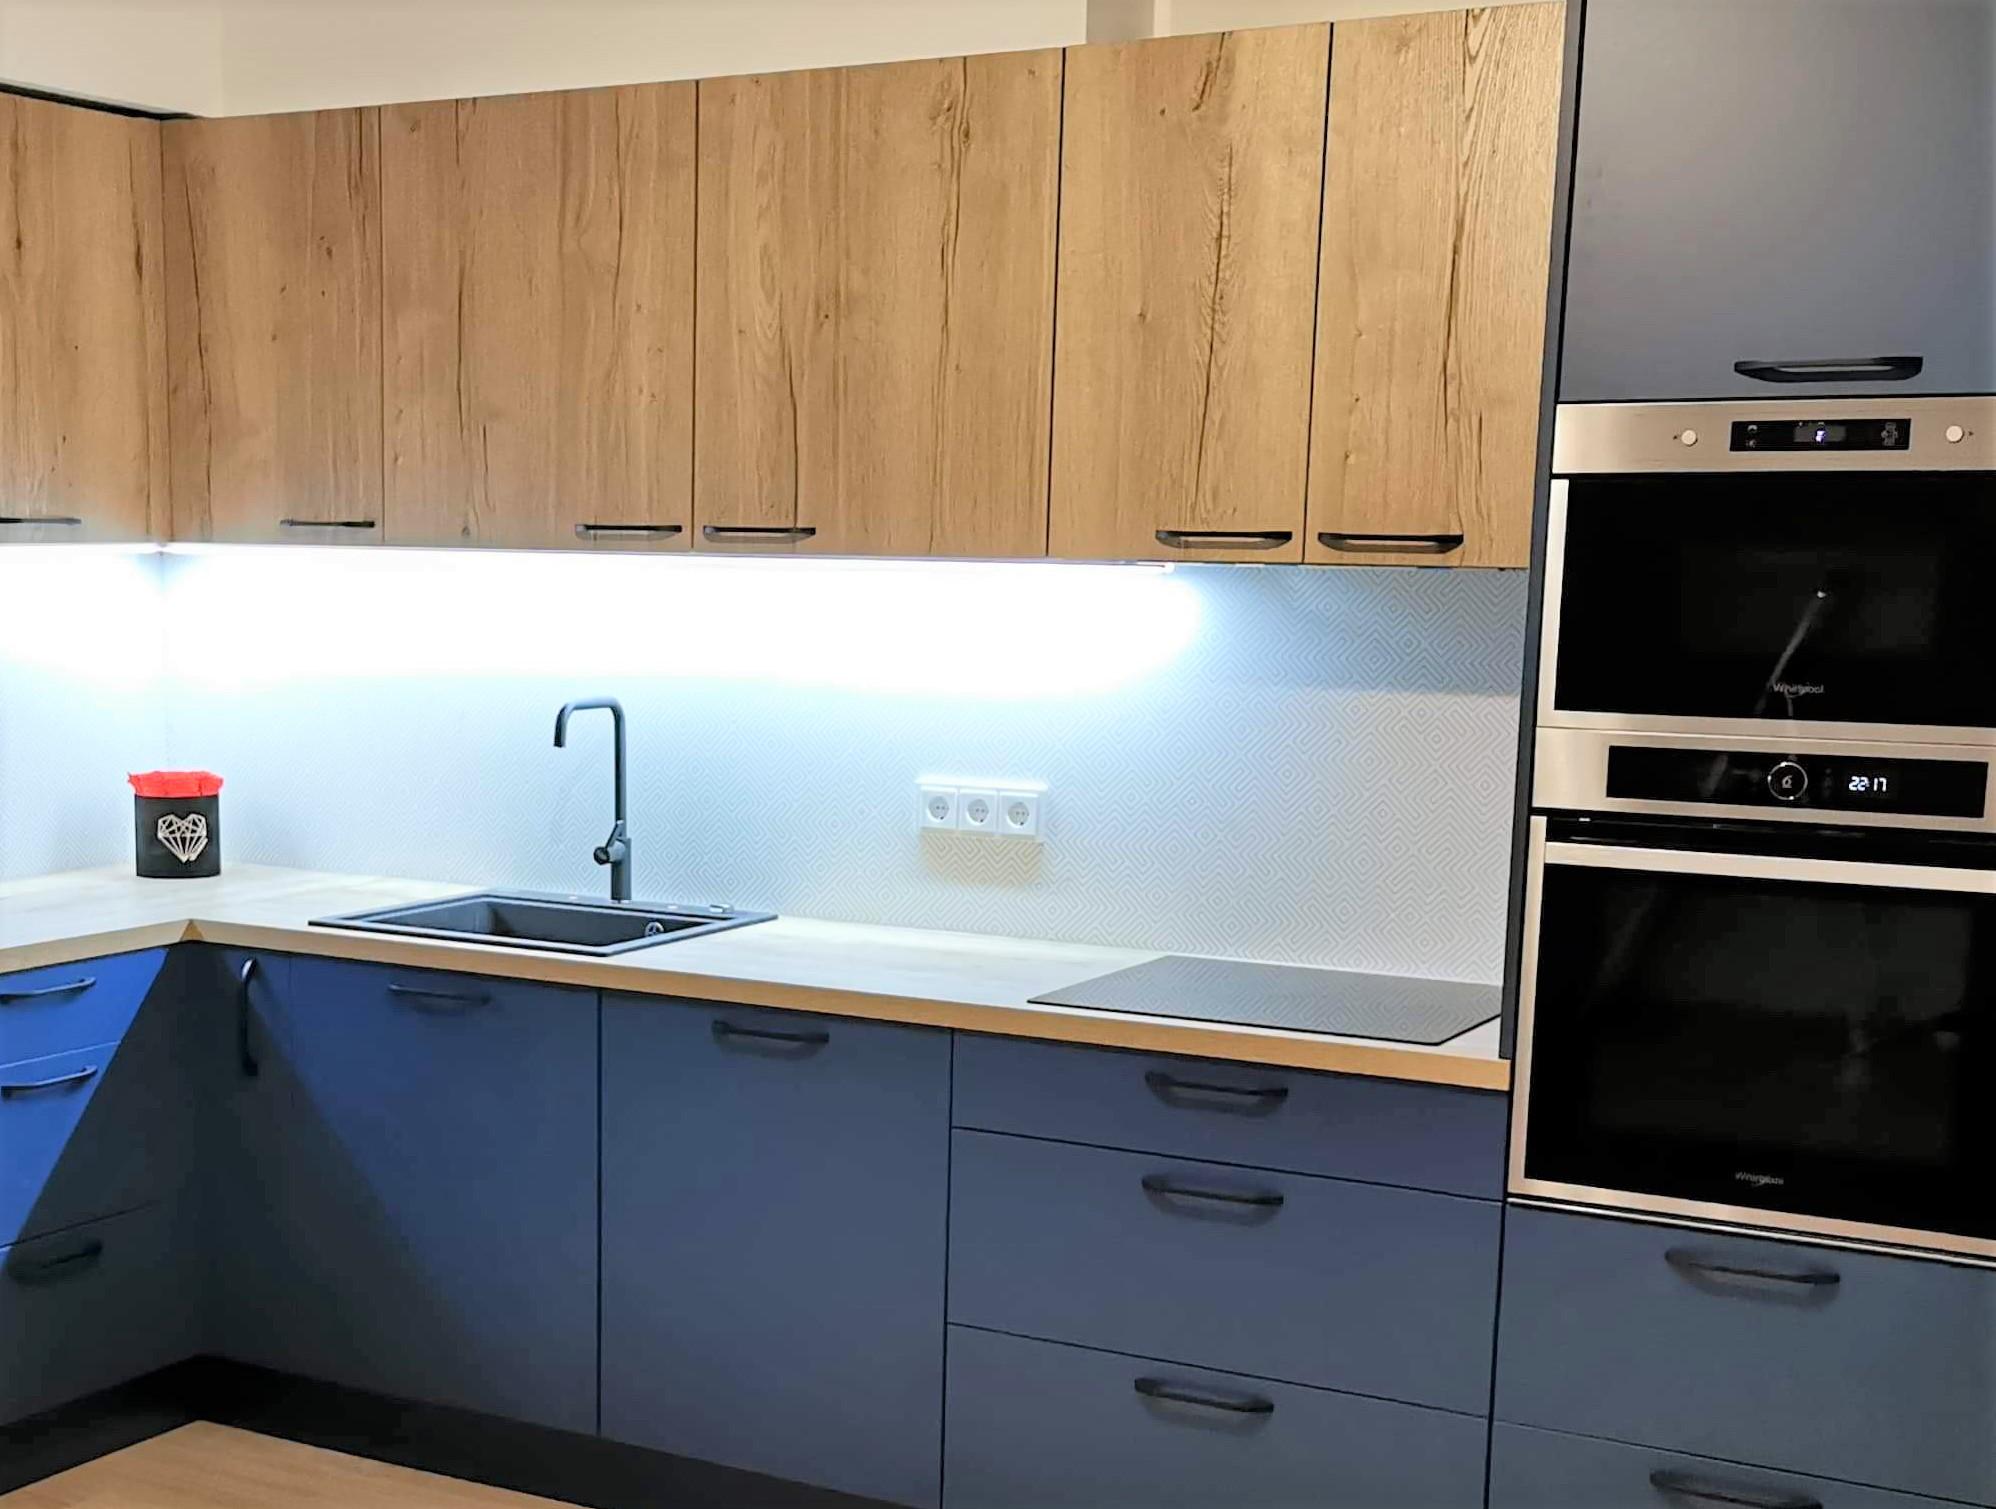 Eritellimus köögimööbel - Köögimööbel24 - Egger U504